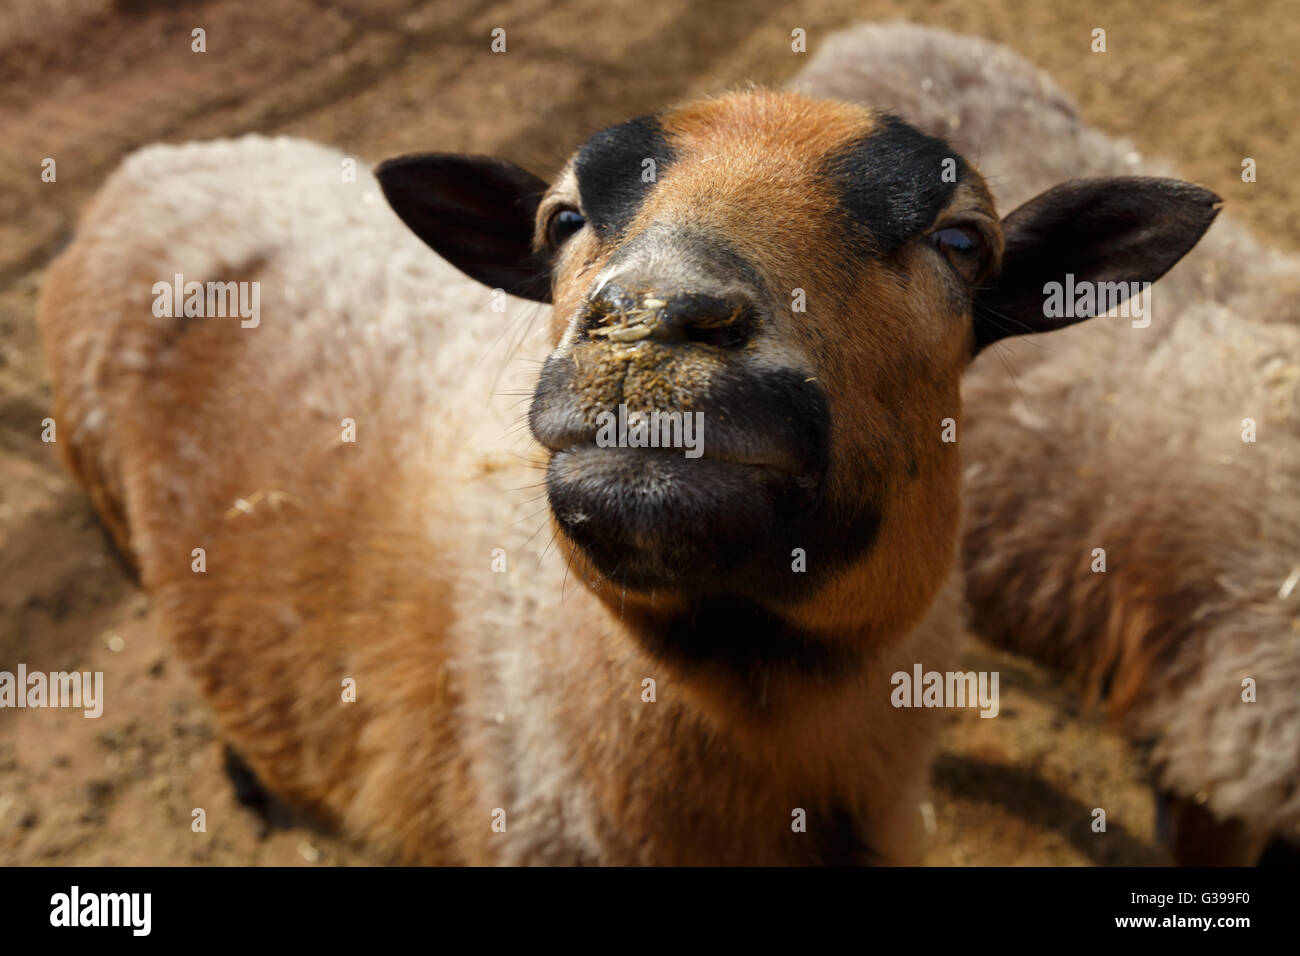 Detailansicht der Schafe Leben in einem Zoo hautnah. Stockbild